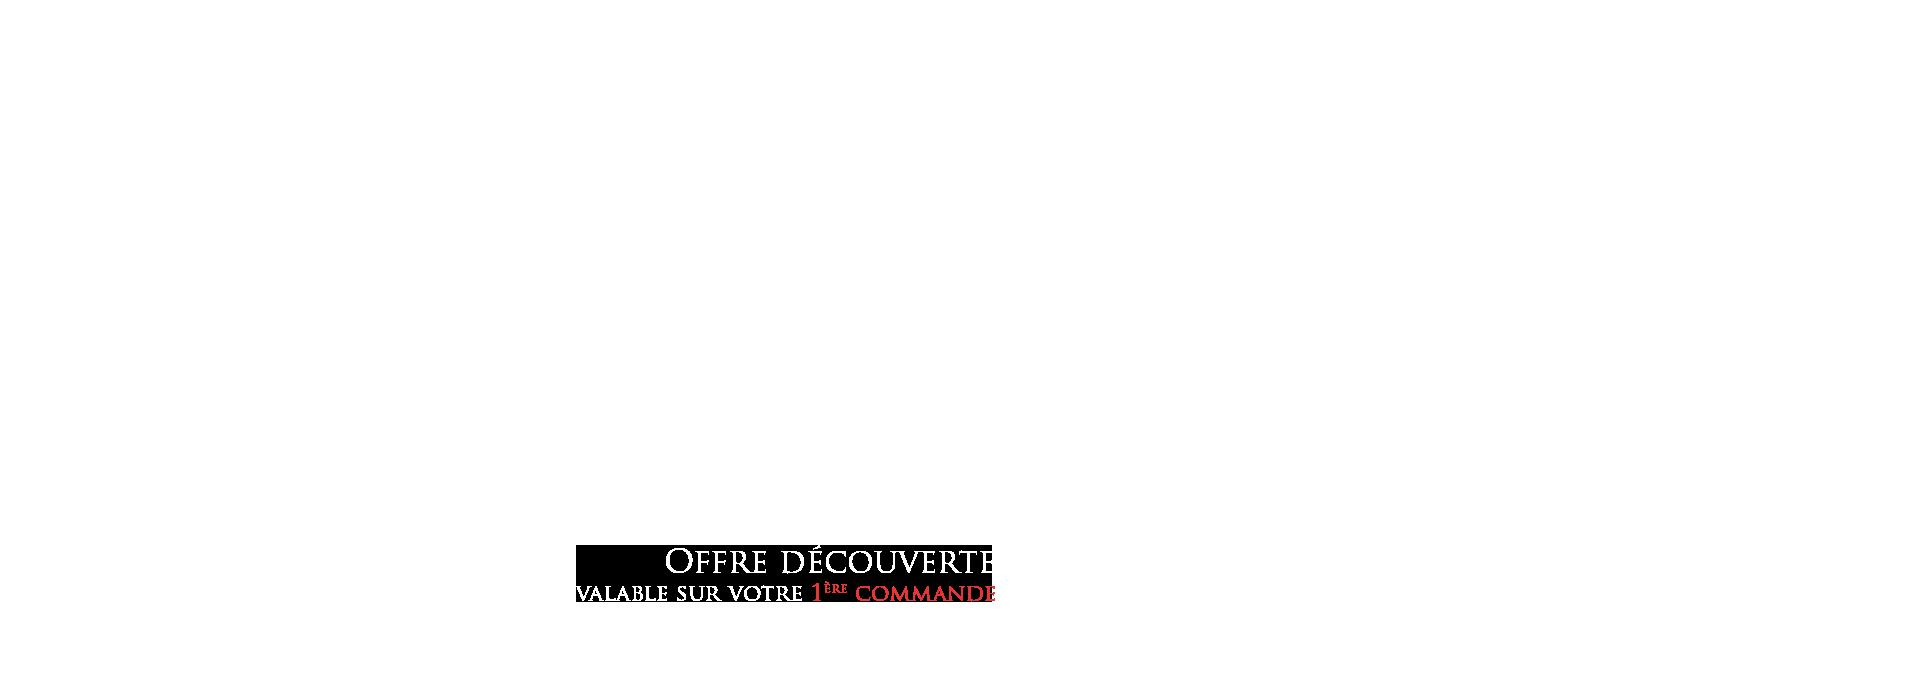 offre-decouverte